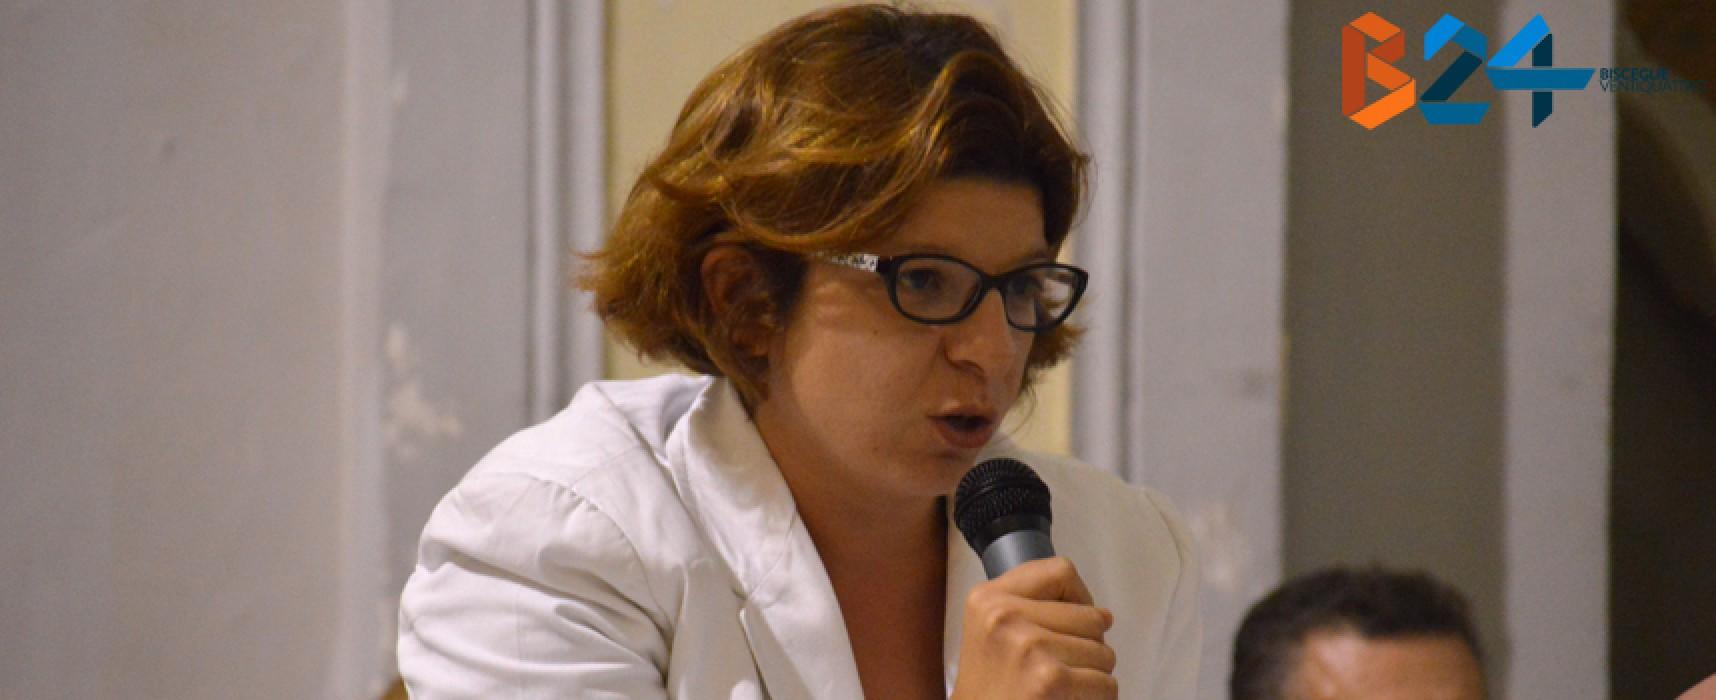 Samanta Dell'Orco: «Difficile fare politica a Bisceglie, ma resto al mio posto»